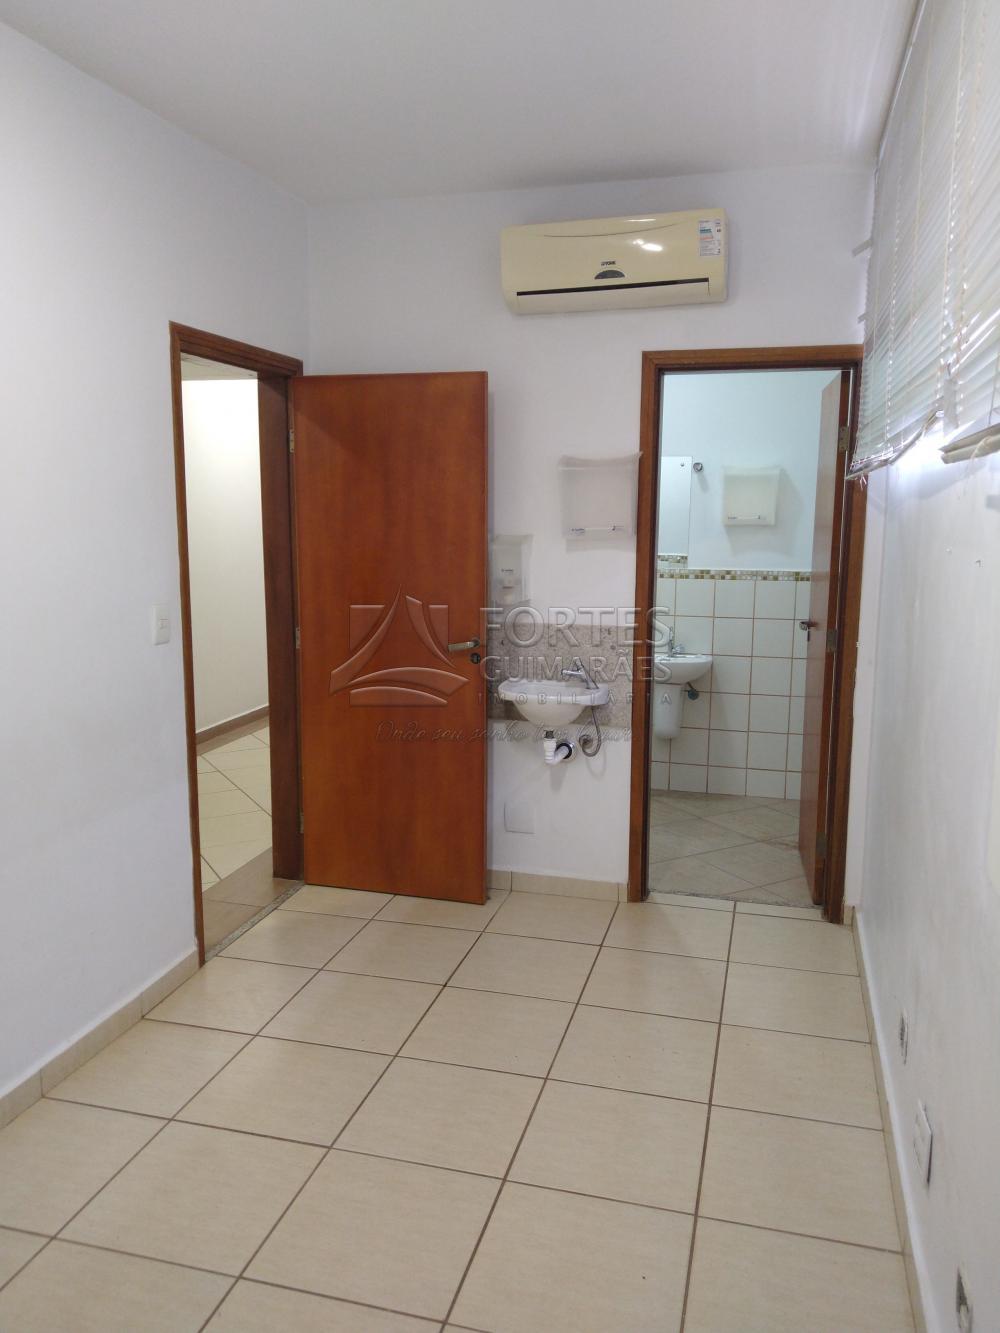 Alugar Comercial / Imóvel Comercial em Ribeirão Preto apenas R$ 12.000,00 - Foto 50